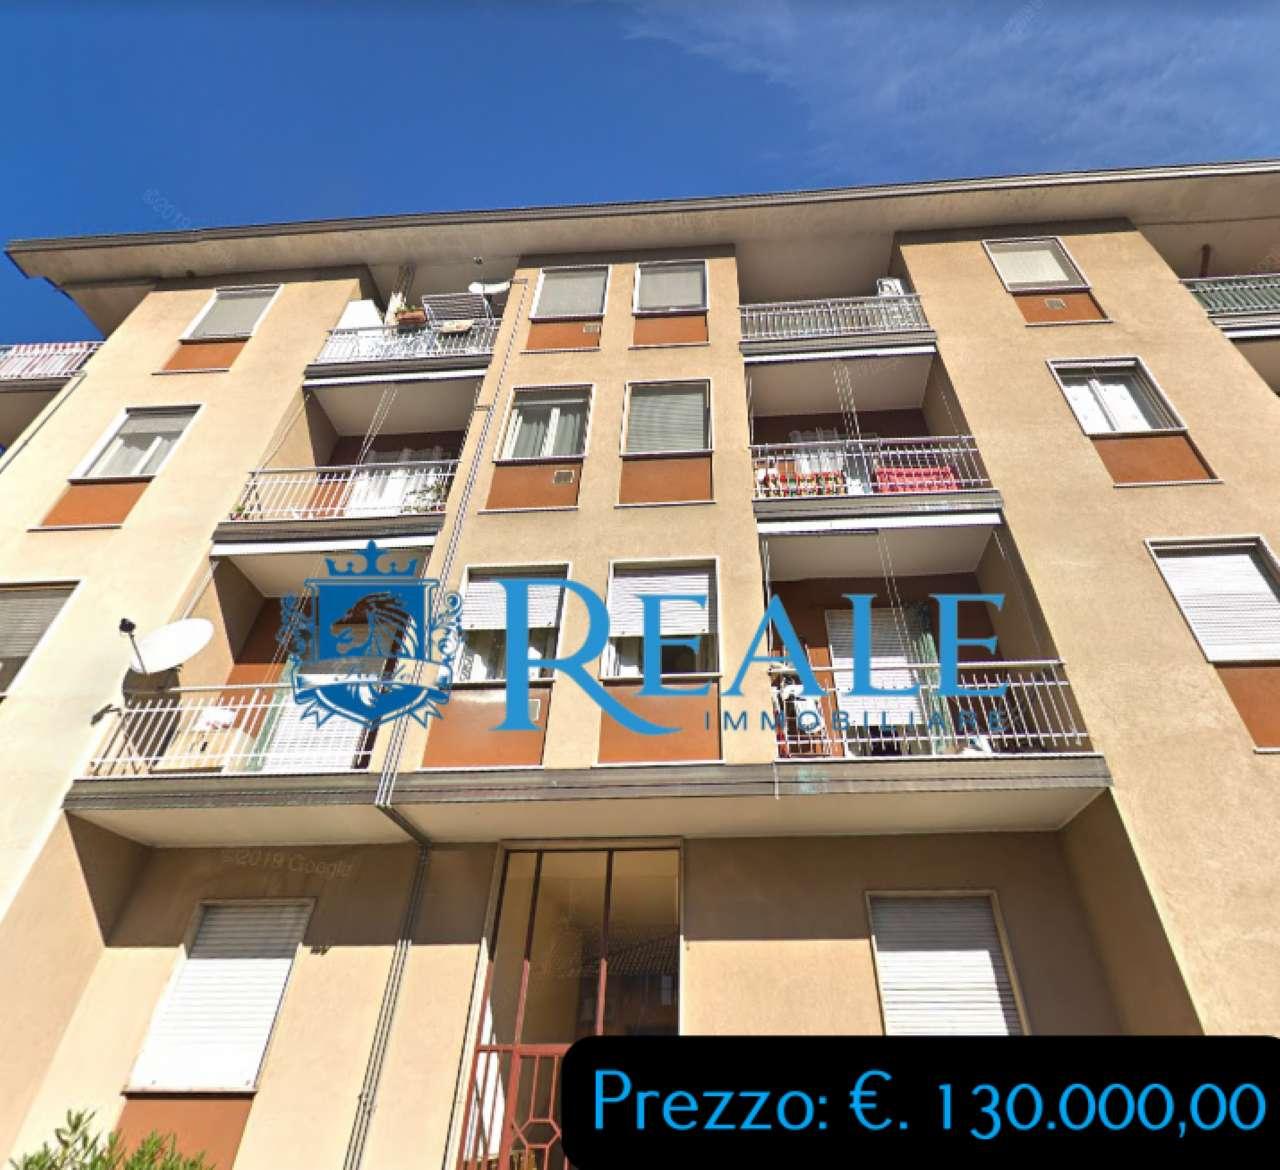 Appartamento in vendita a Abbiategrasso, 2 locali, prezzo € 130.000 | PortaleAgenzieImmobiliari.it